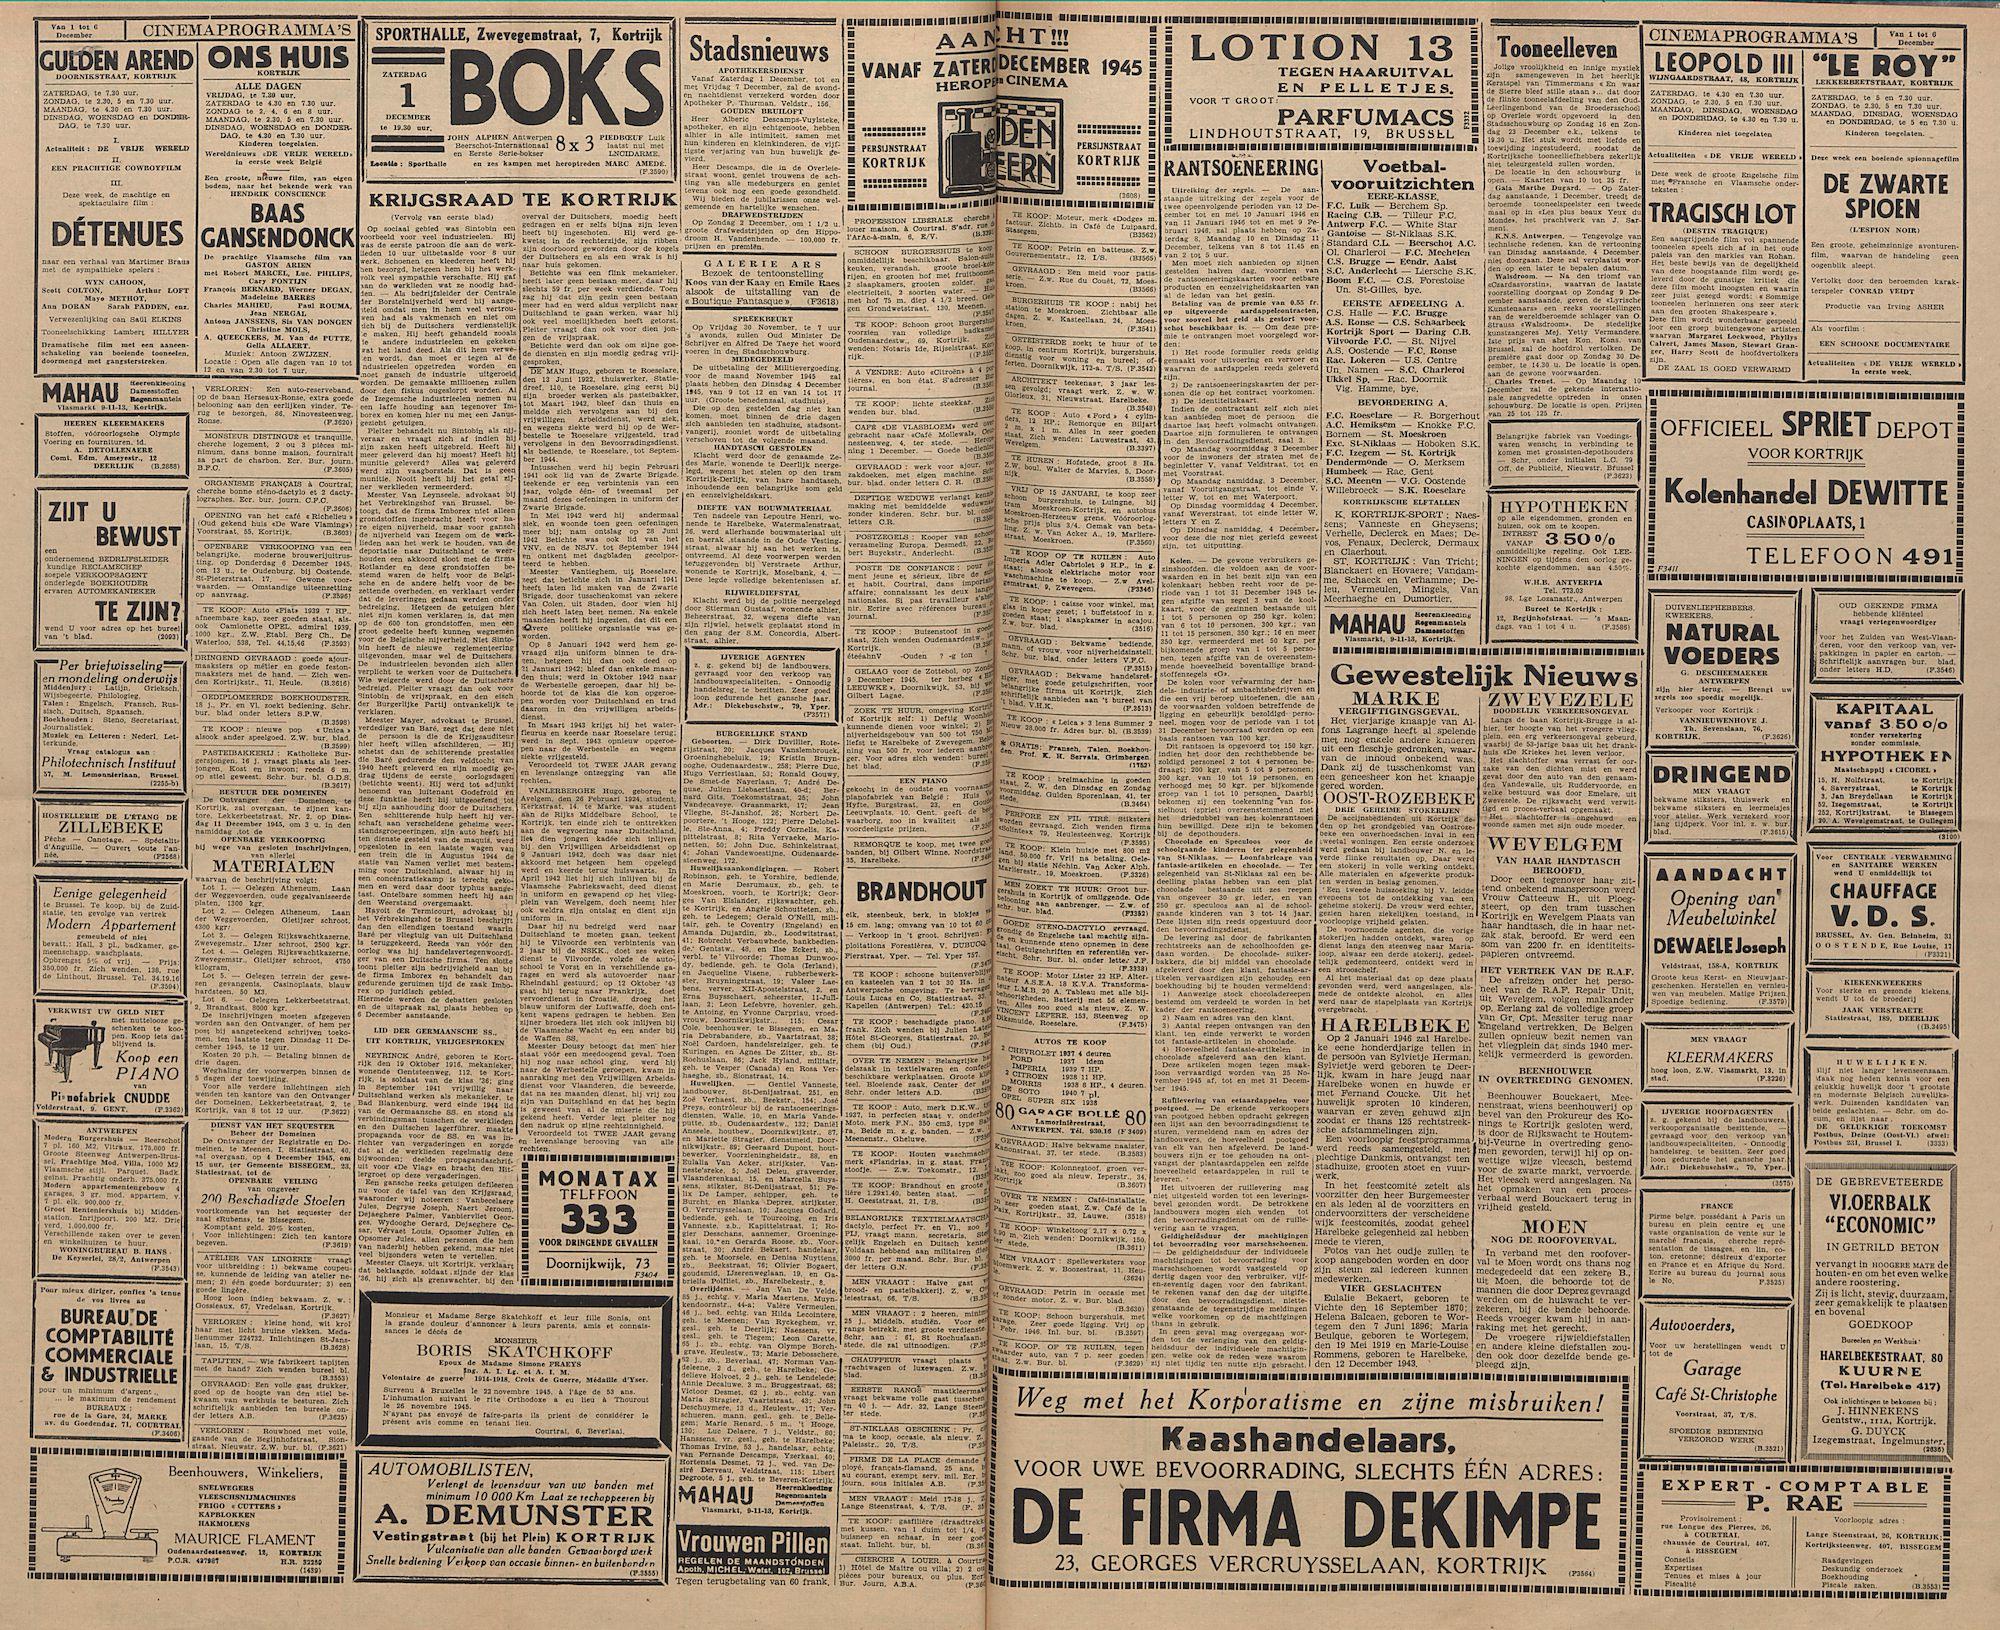 Kortrijksch Handelsblad 30 november 1945 Nr96 p2 en 3